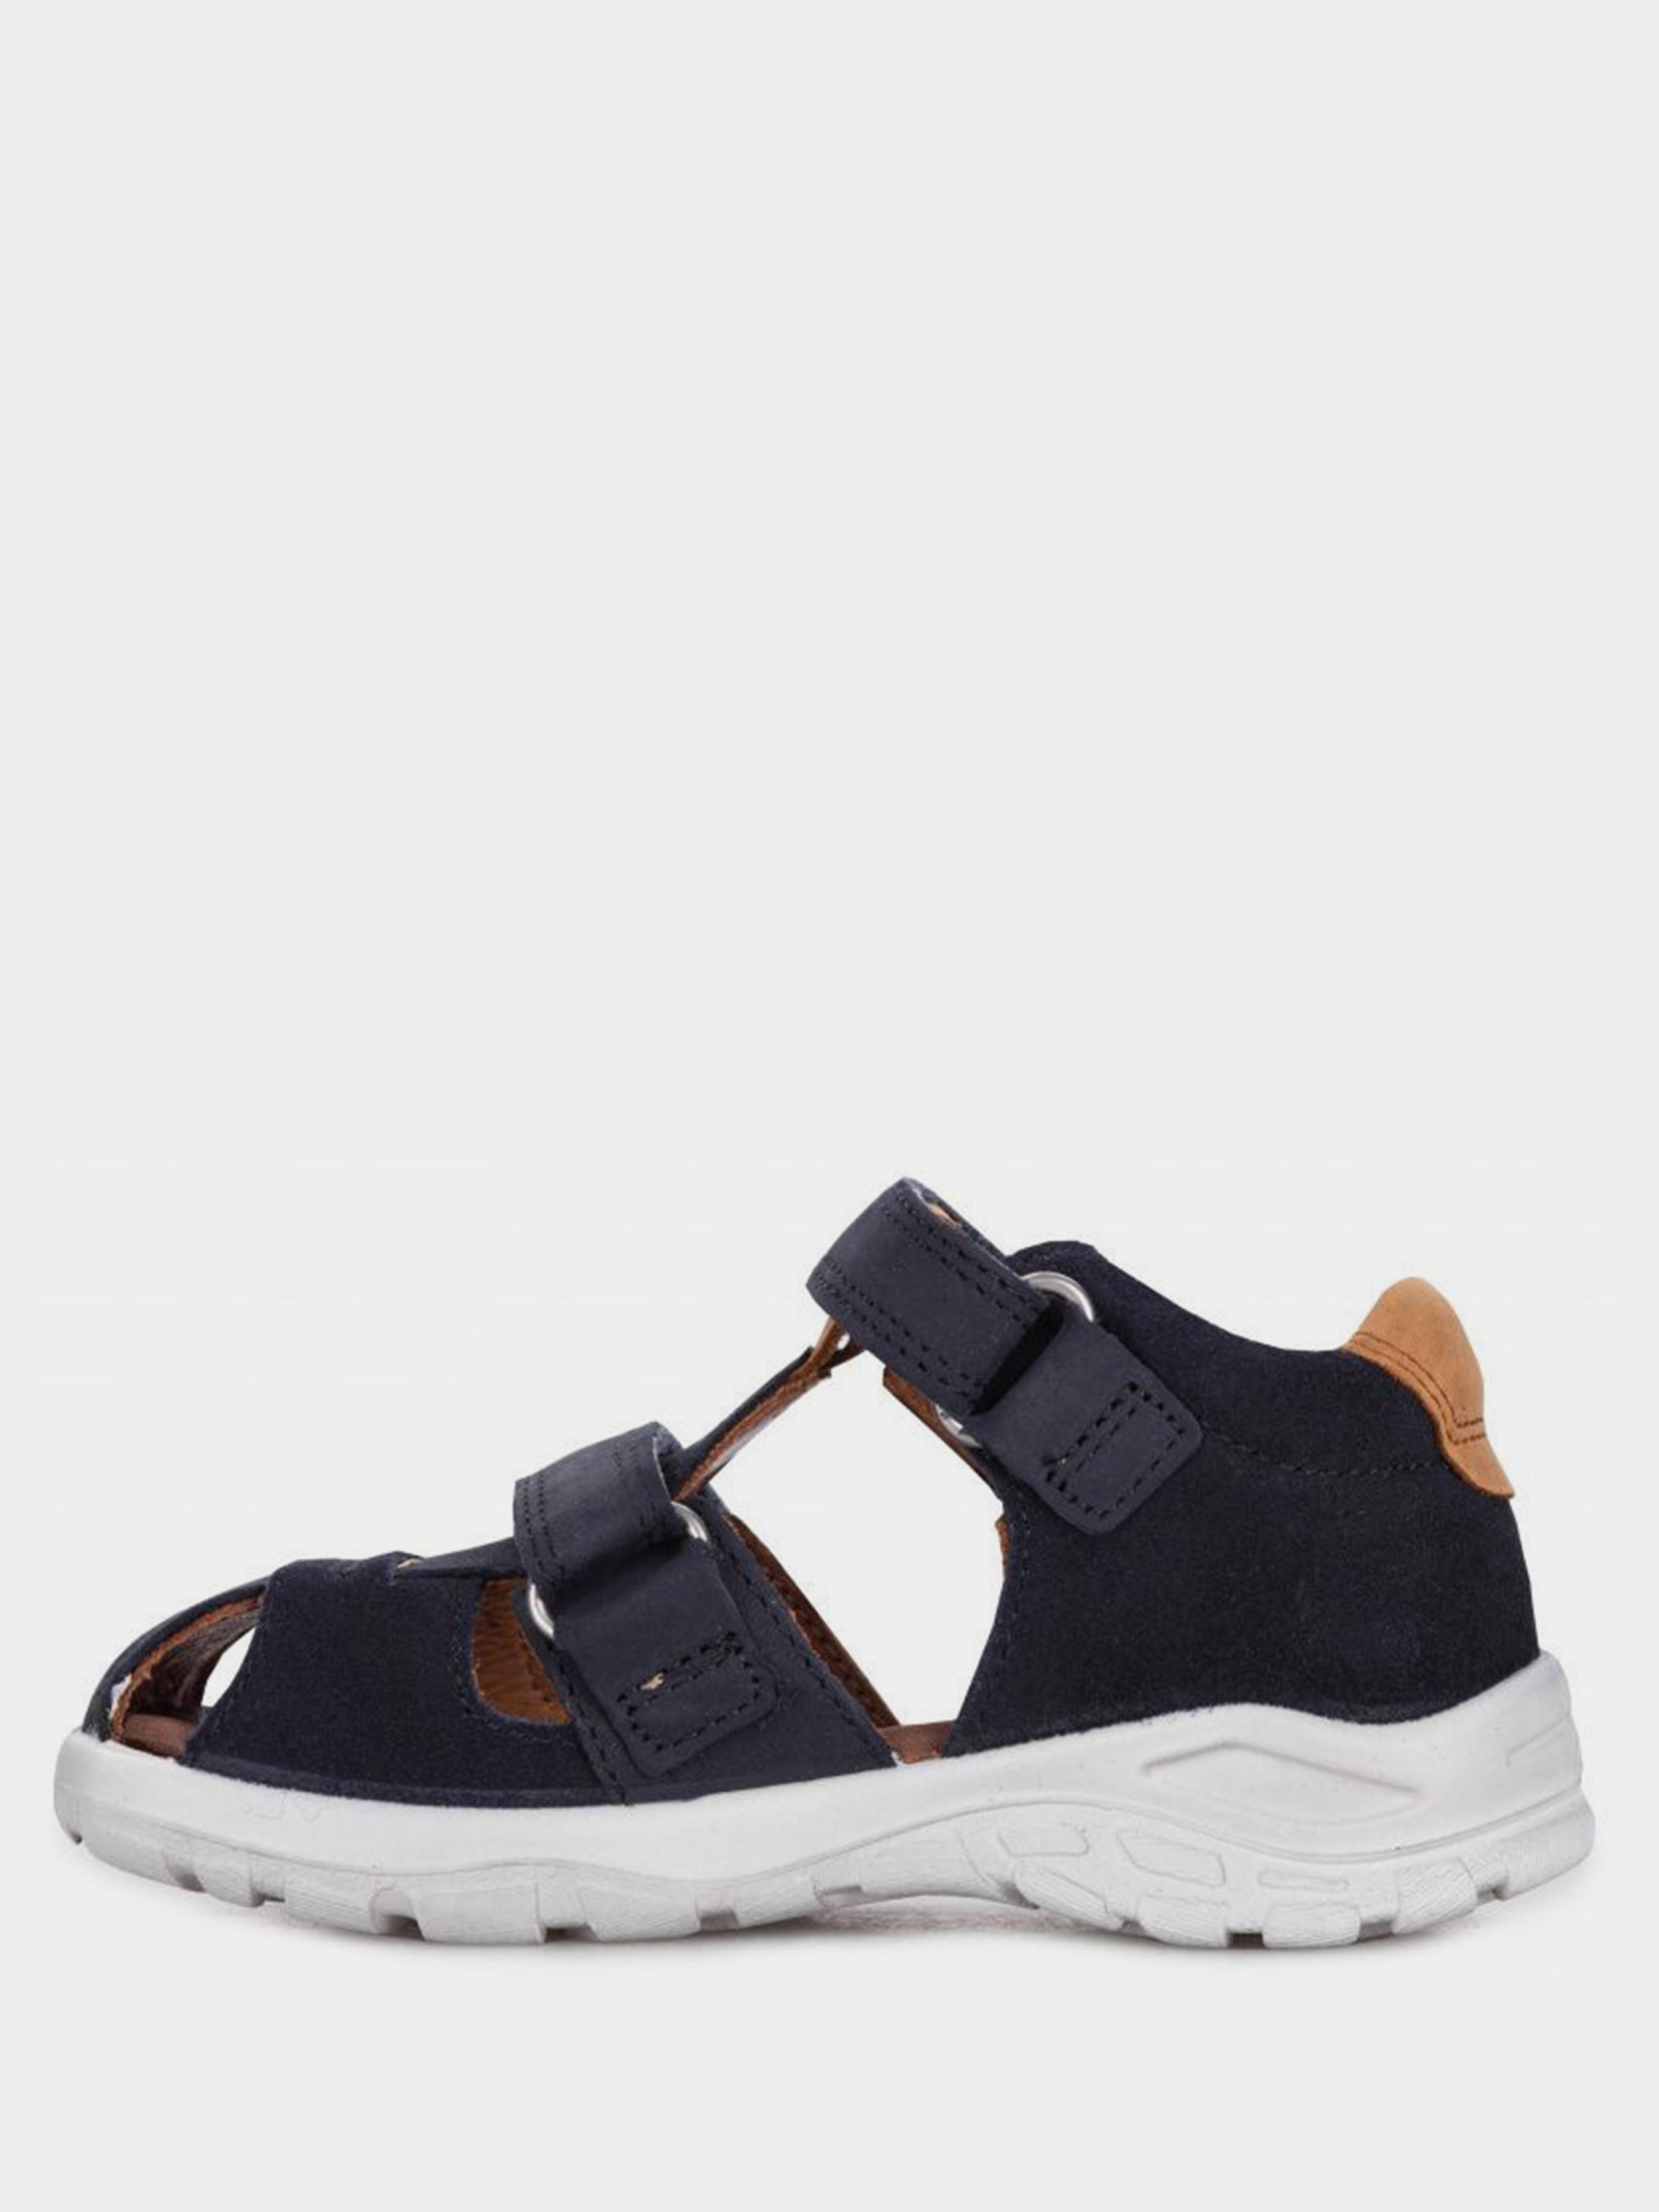 Сандалии для детей ECCO PEEKABOO ZK3355 купить обувь, 2017